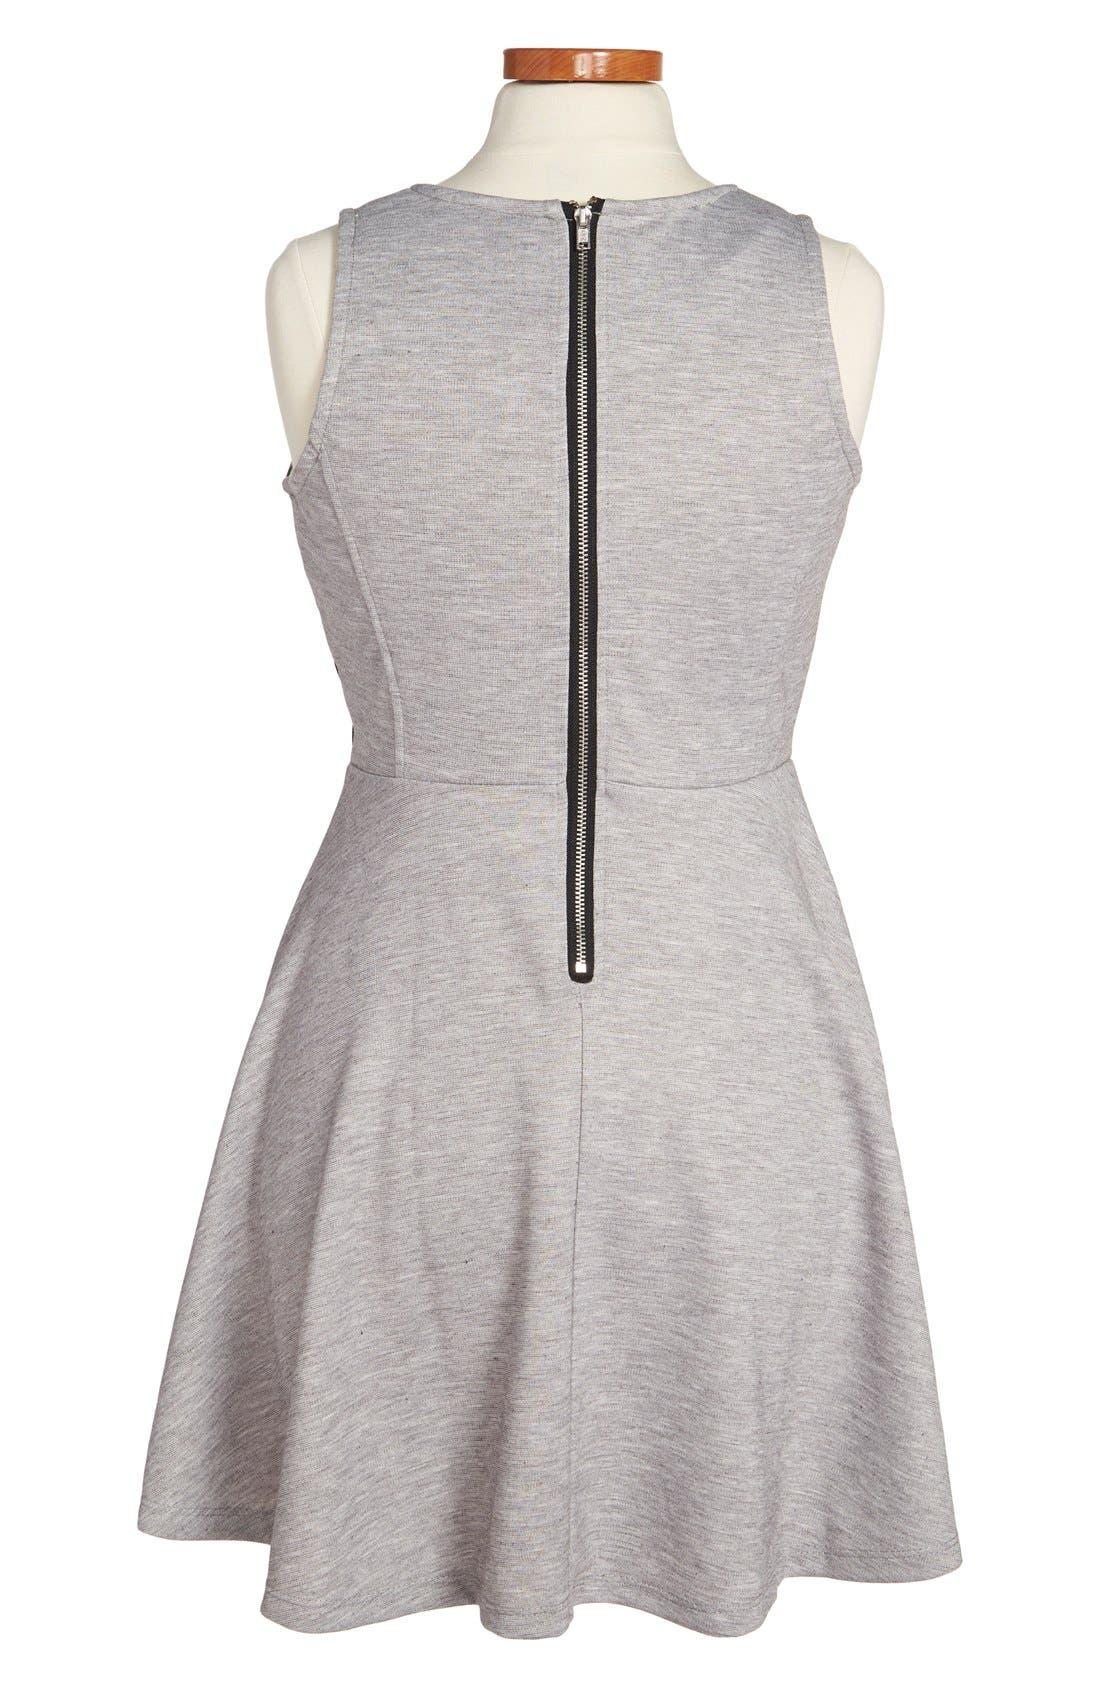 Alternate Image 2  - W Girl Sleeveless Skater Dress (Big Girls)